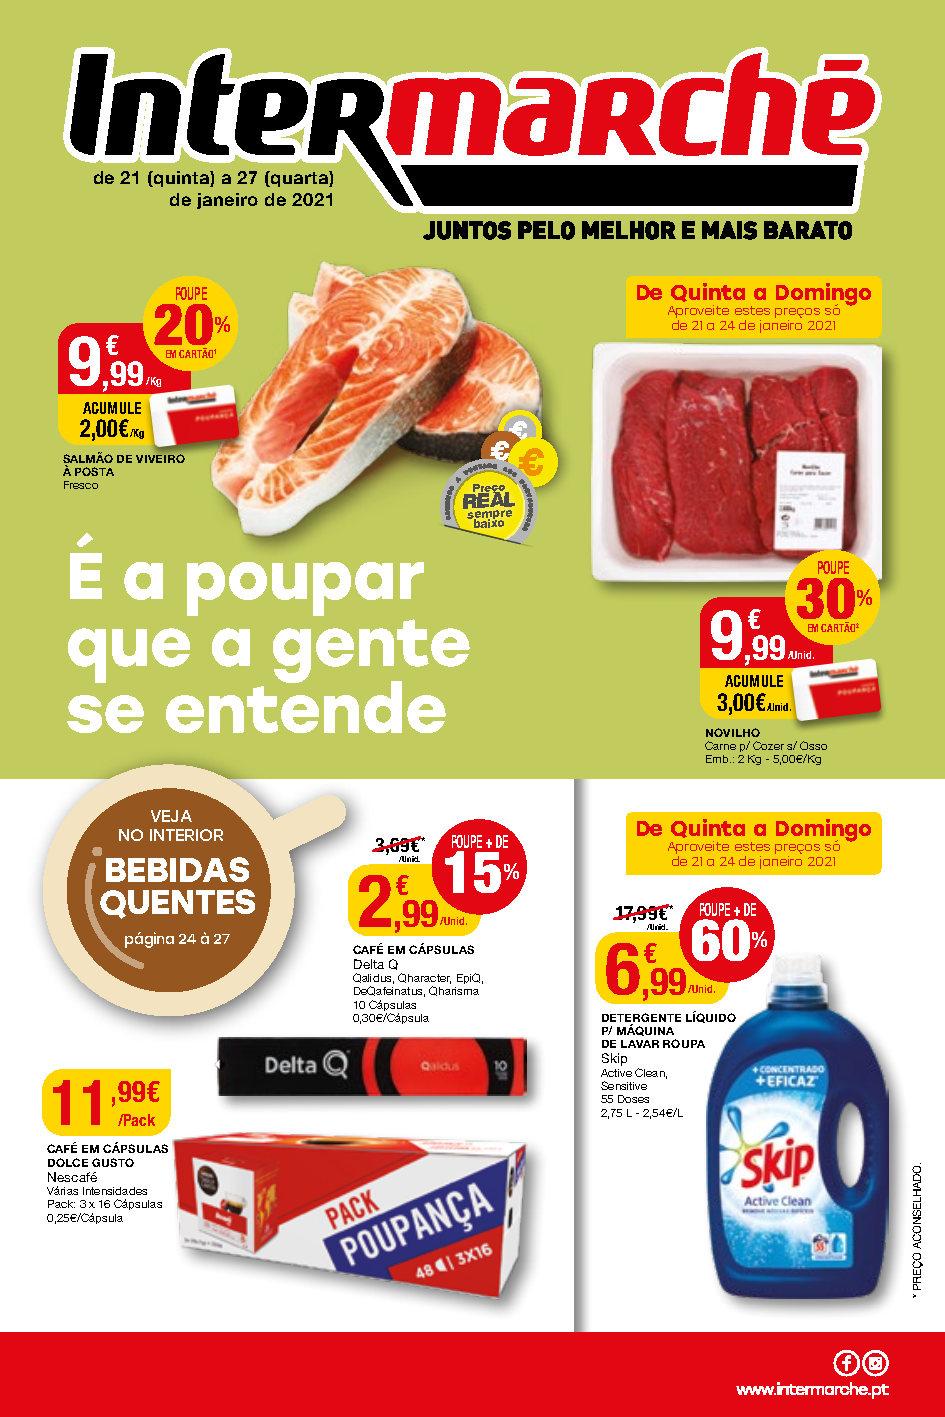 super intermarche promocoes Page1